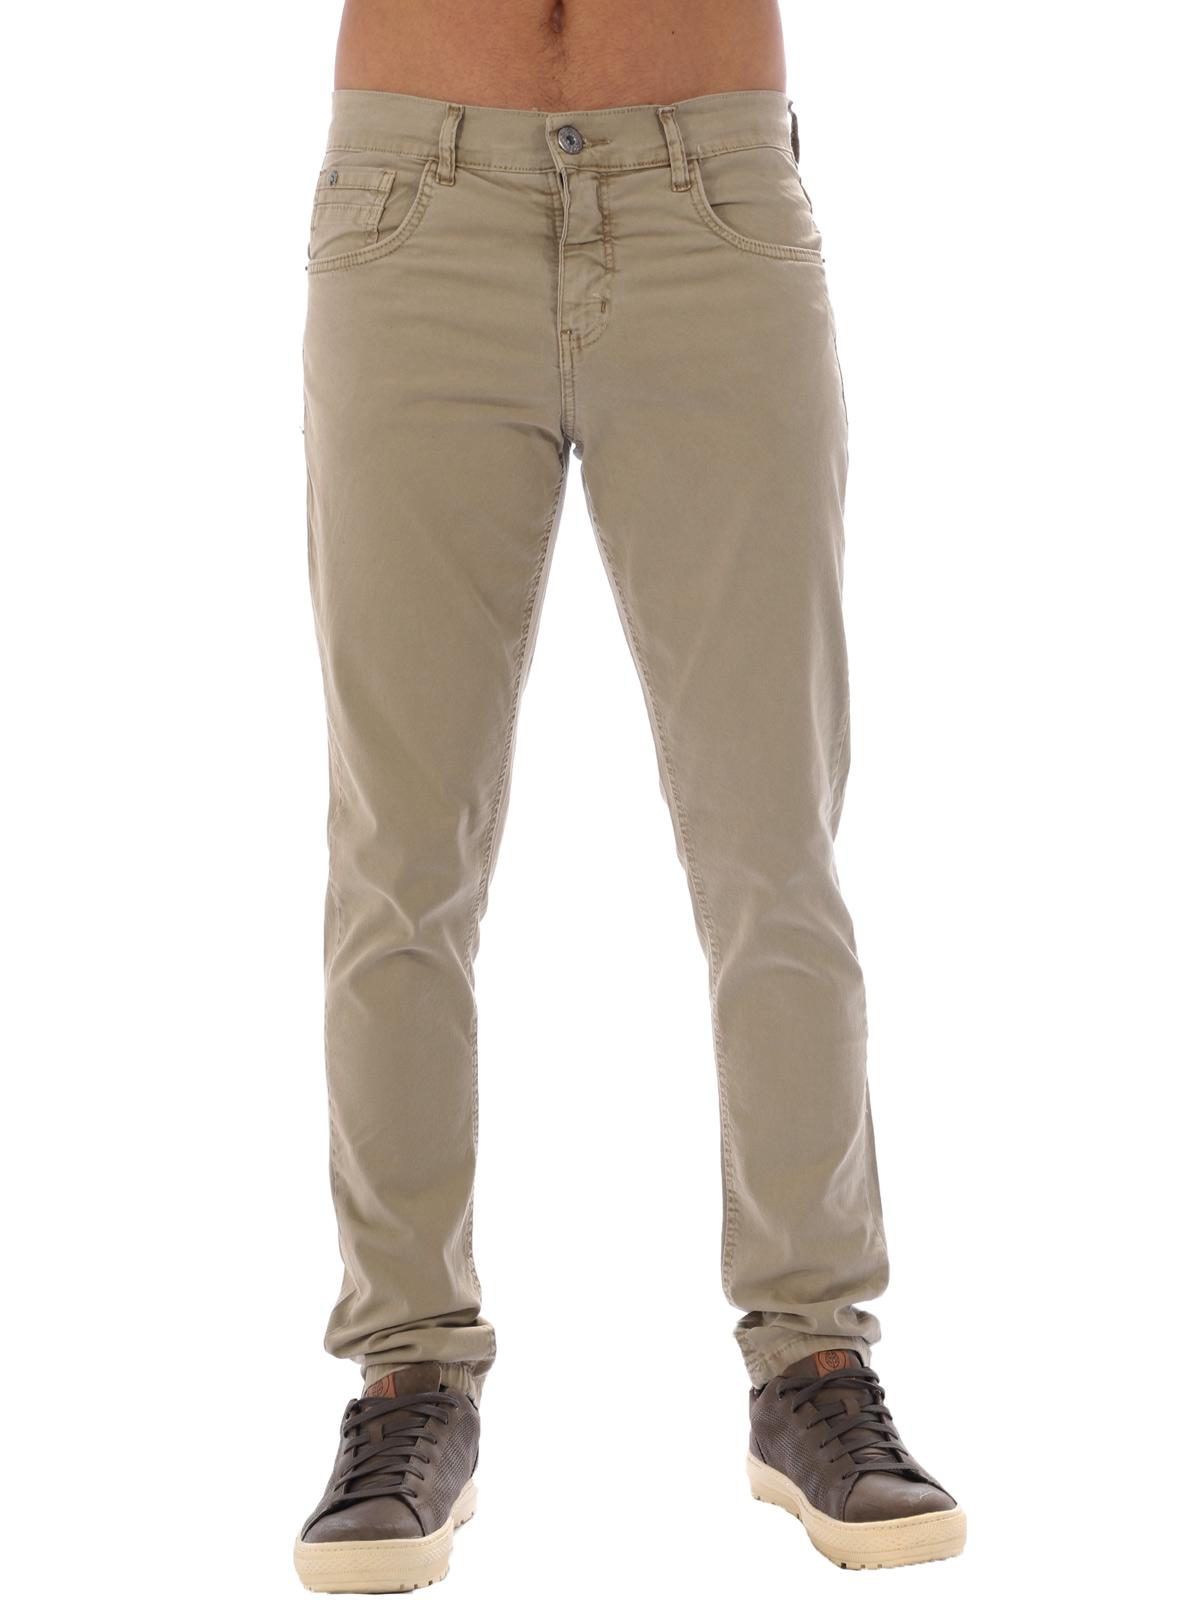 Calça Masculina de Sarja com Elastano Anistia Areia